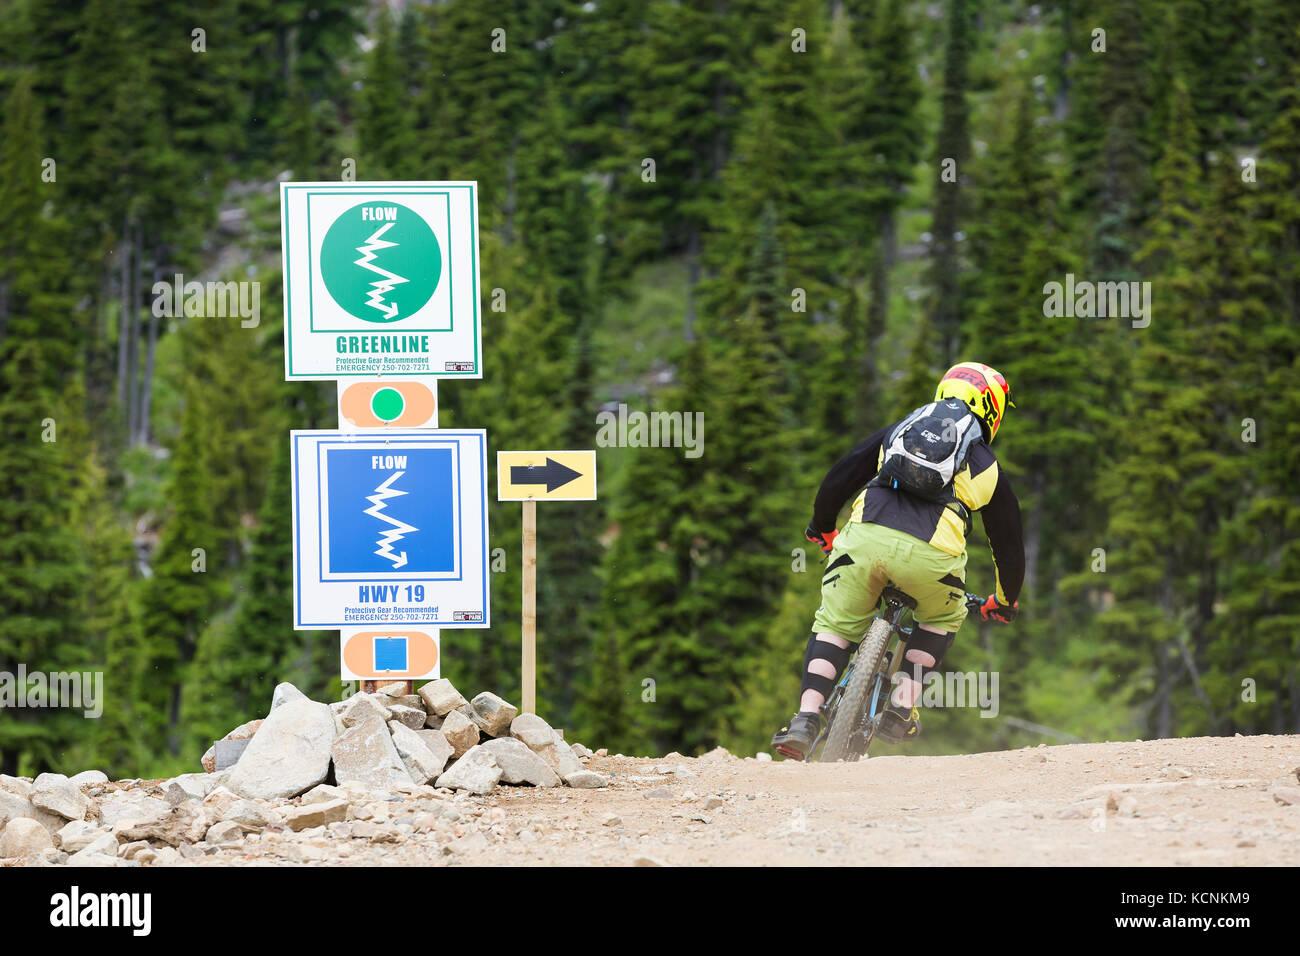 Los carteles indicando bike trail dirección y el nivel de dificultad en Mt. Washington, el Comox Valley, Vancouver Imagen De Stock